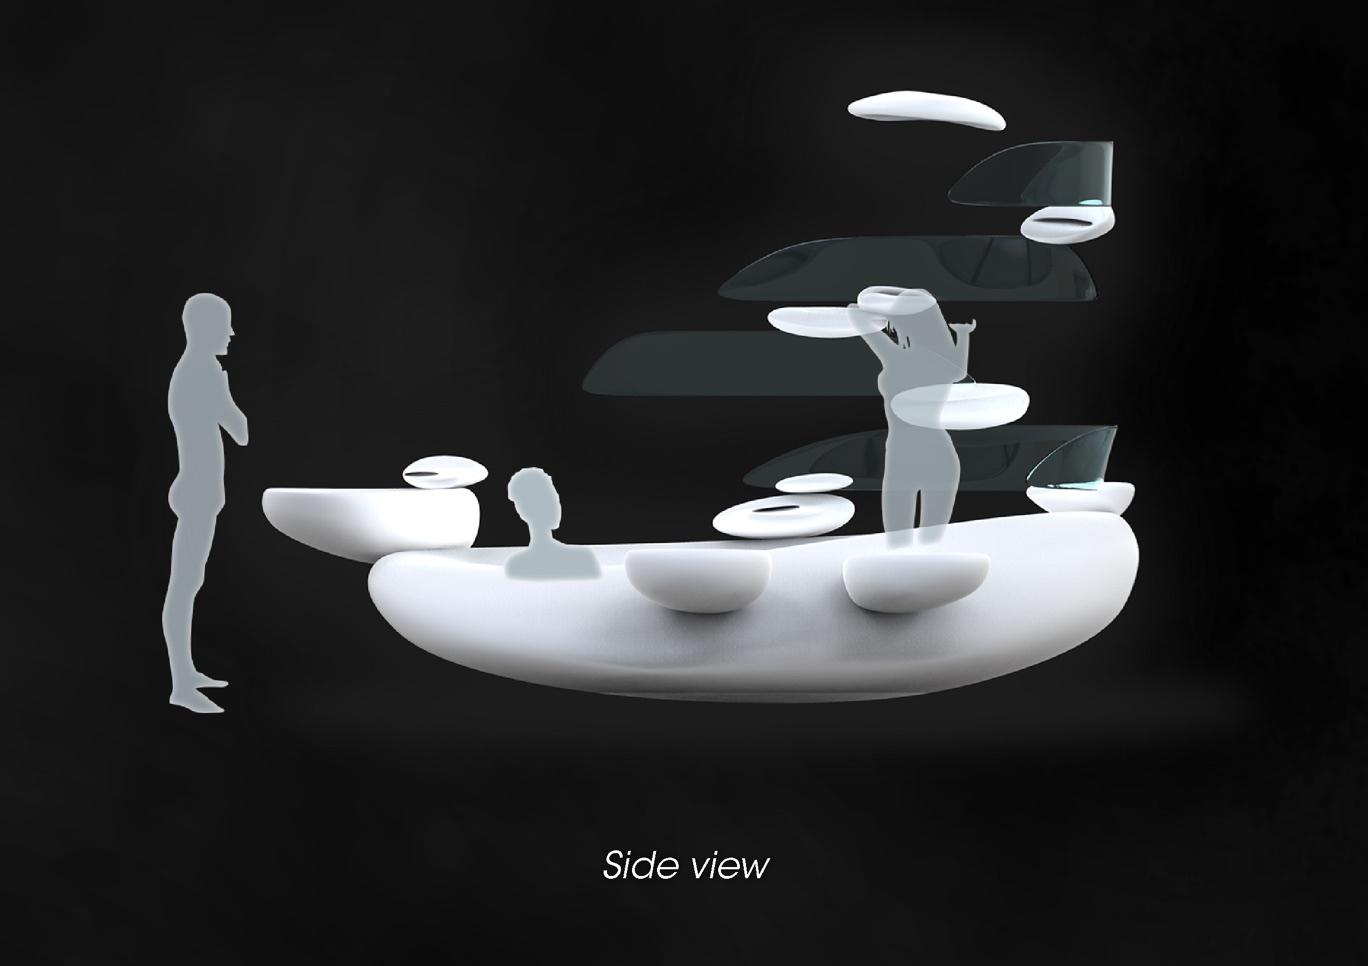 Equilibrio de Roca by Fabio Besti - Side